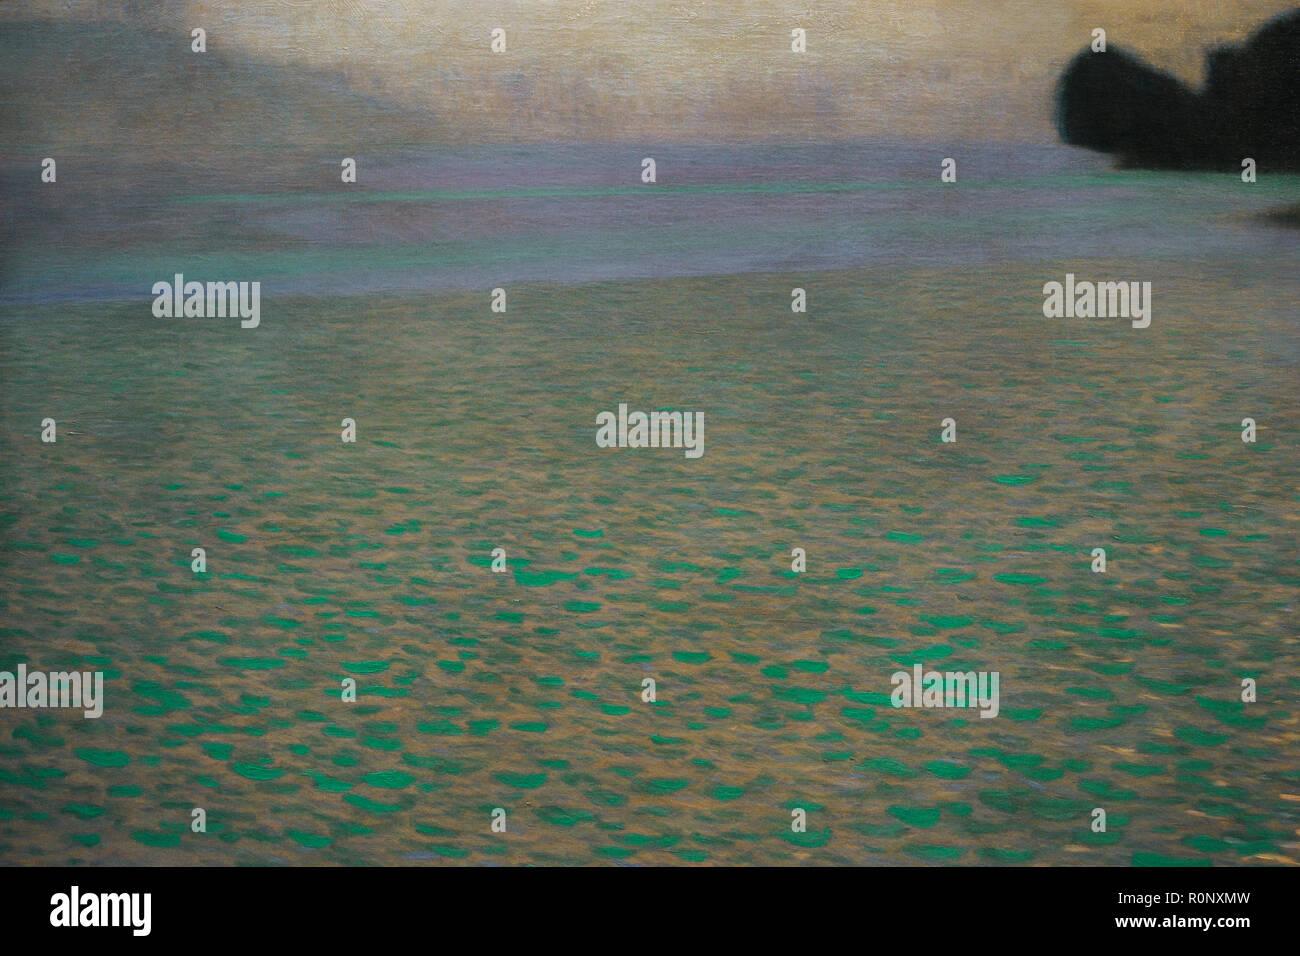 Gustav Klimt (1862-1918). Austriaco pittore simbolista. Attersee (lago Attersee), 1900. Dettaglio. Olio su tela. 80,2 x 80, 2 cm. Museo Leopold. Vienna, Austria. Immagini Stock